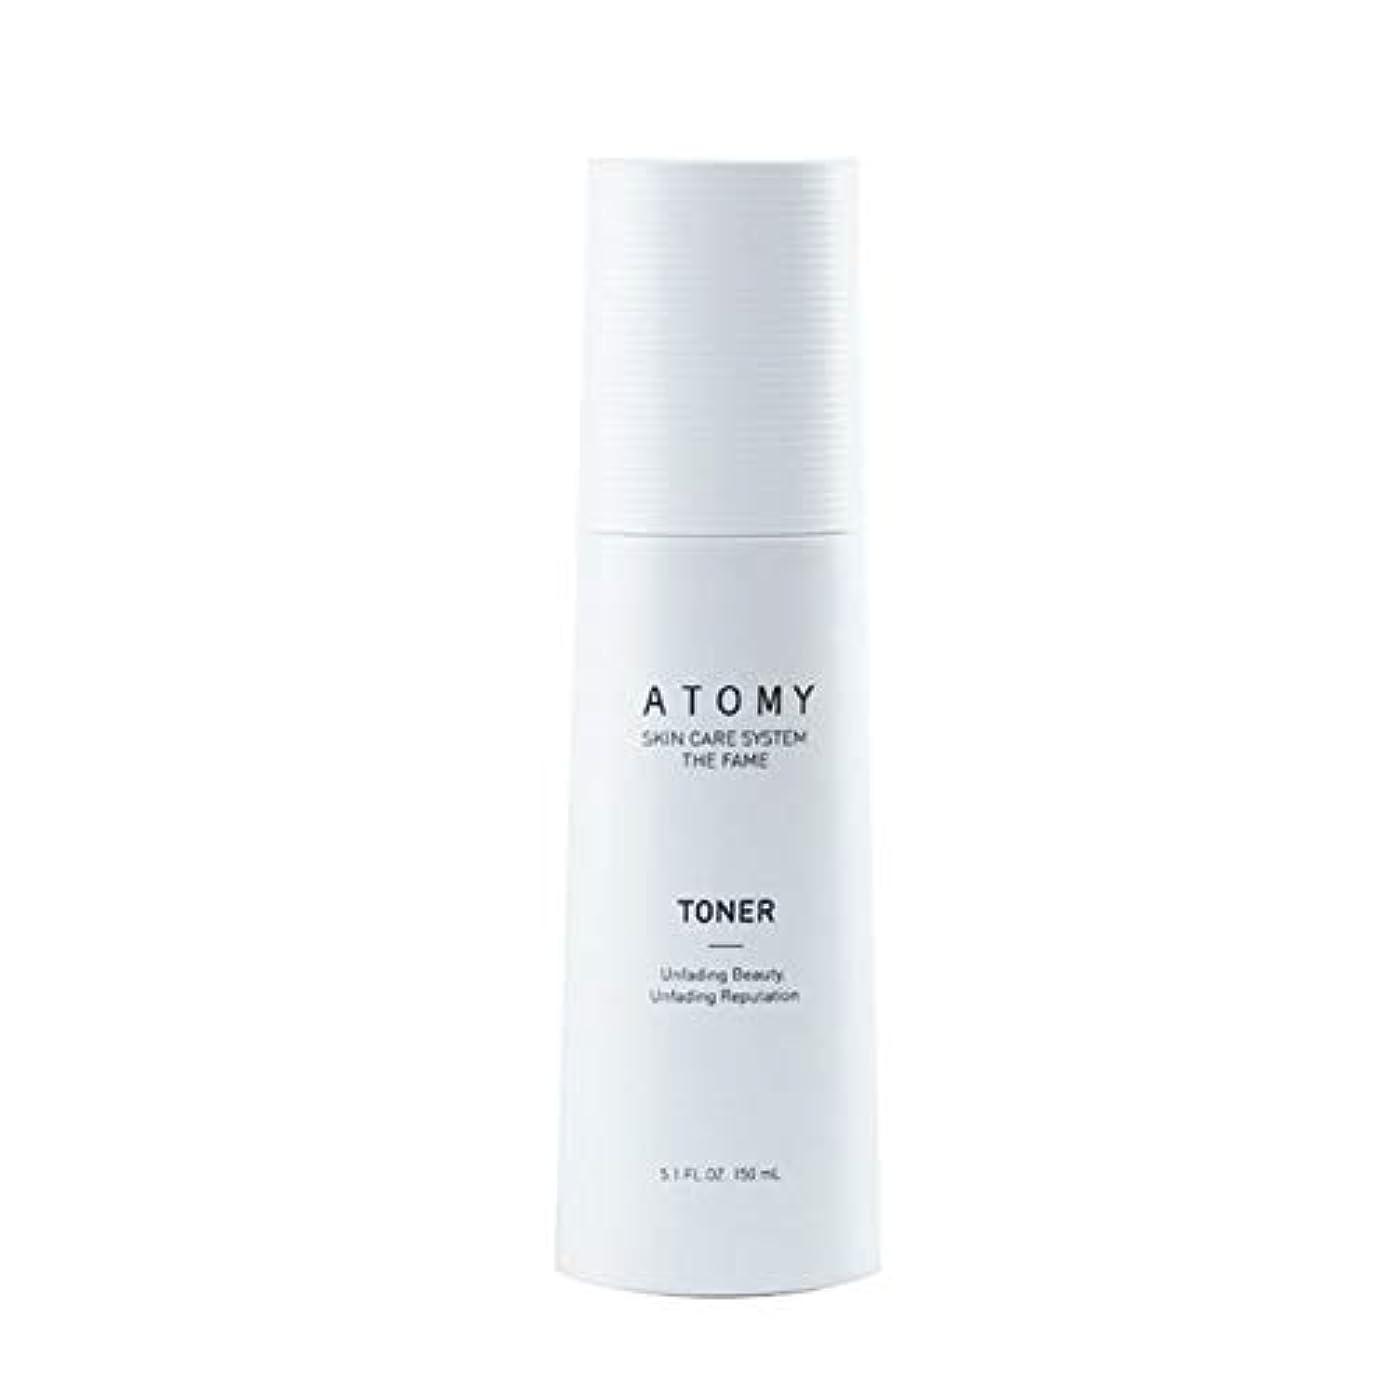 くまアストロラーベアナロジーアトミザ?フェームトナー150ml韓国コスメ、Atomy The Fame Toner 150ml Korean Cosmetics [並行輸入品]